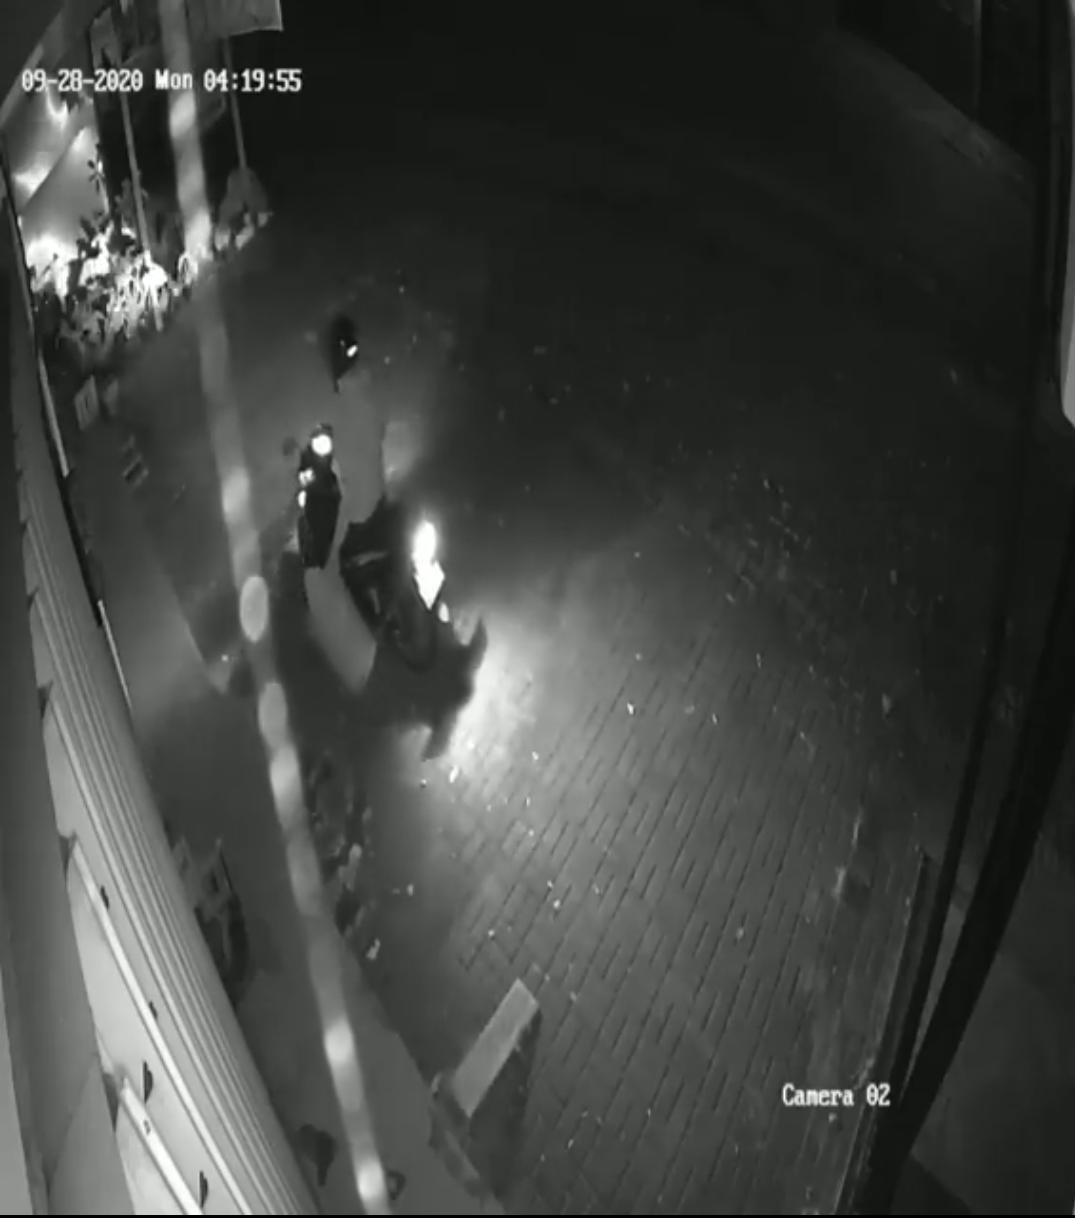 Pelaku saat mencuri tempat sampah. (repro)